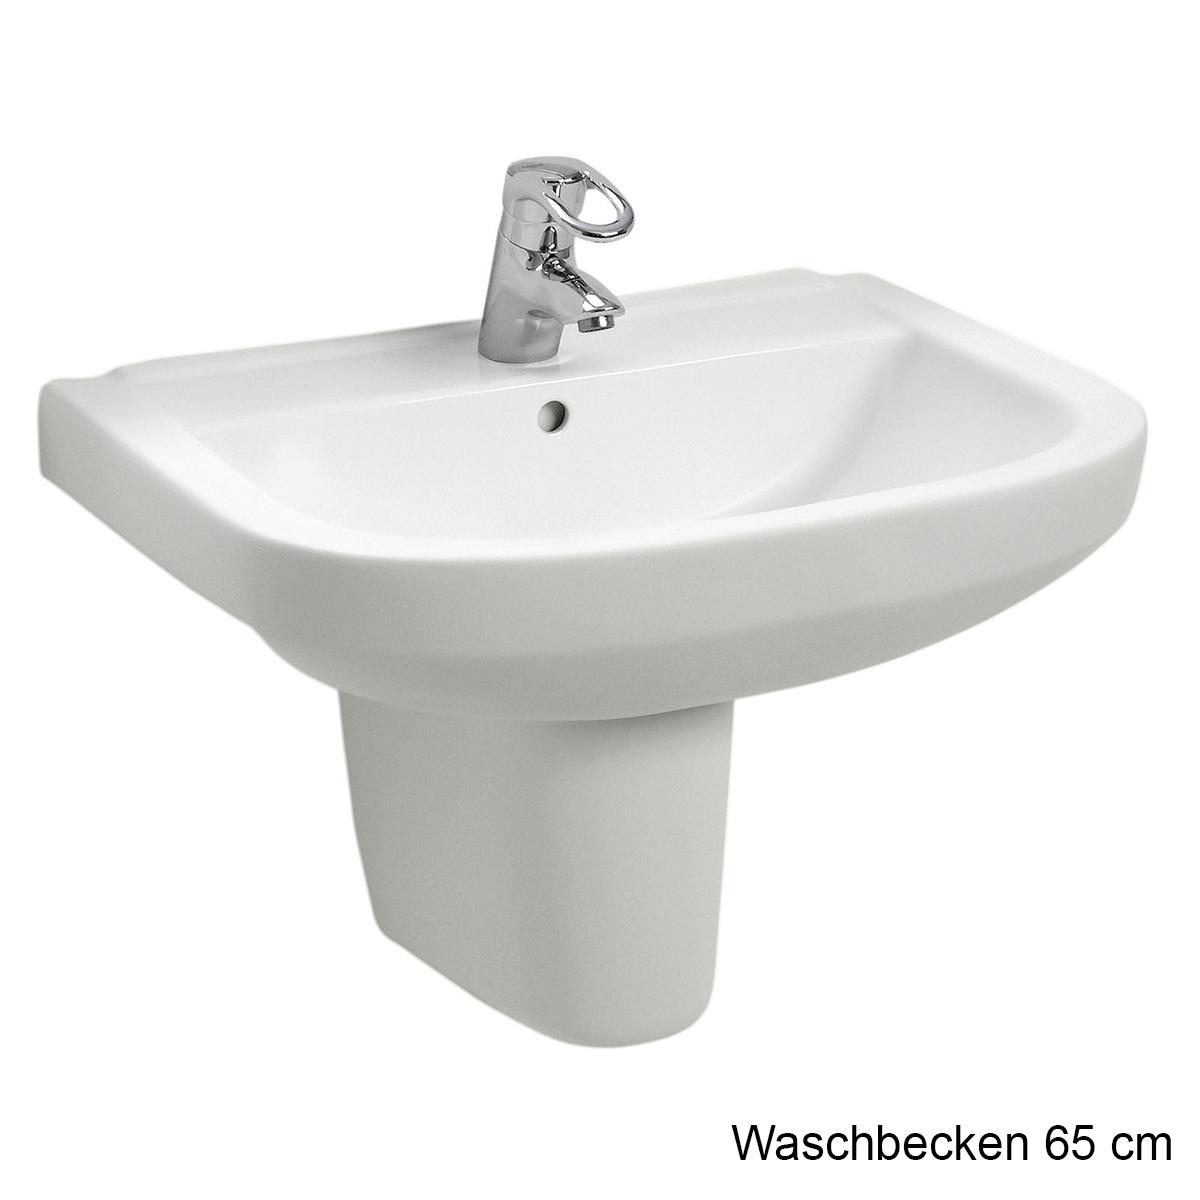 Waschbecken 65 cm breit finest waschbecken levant in wei for Badezimmer 65 cm breite